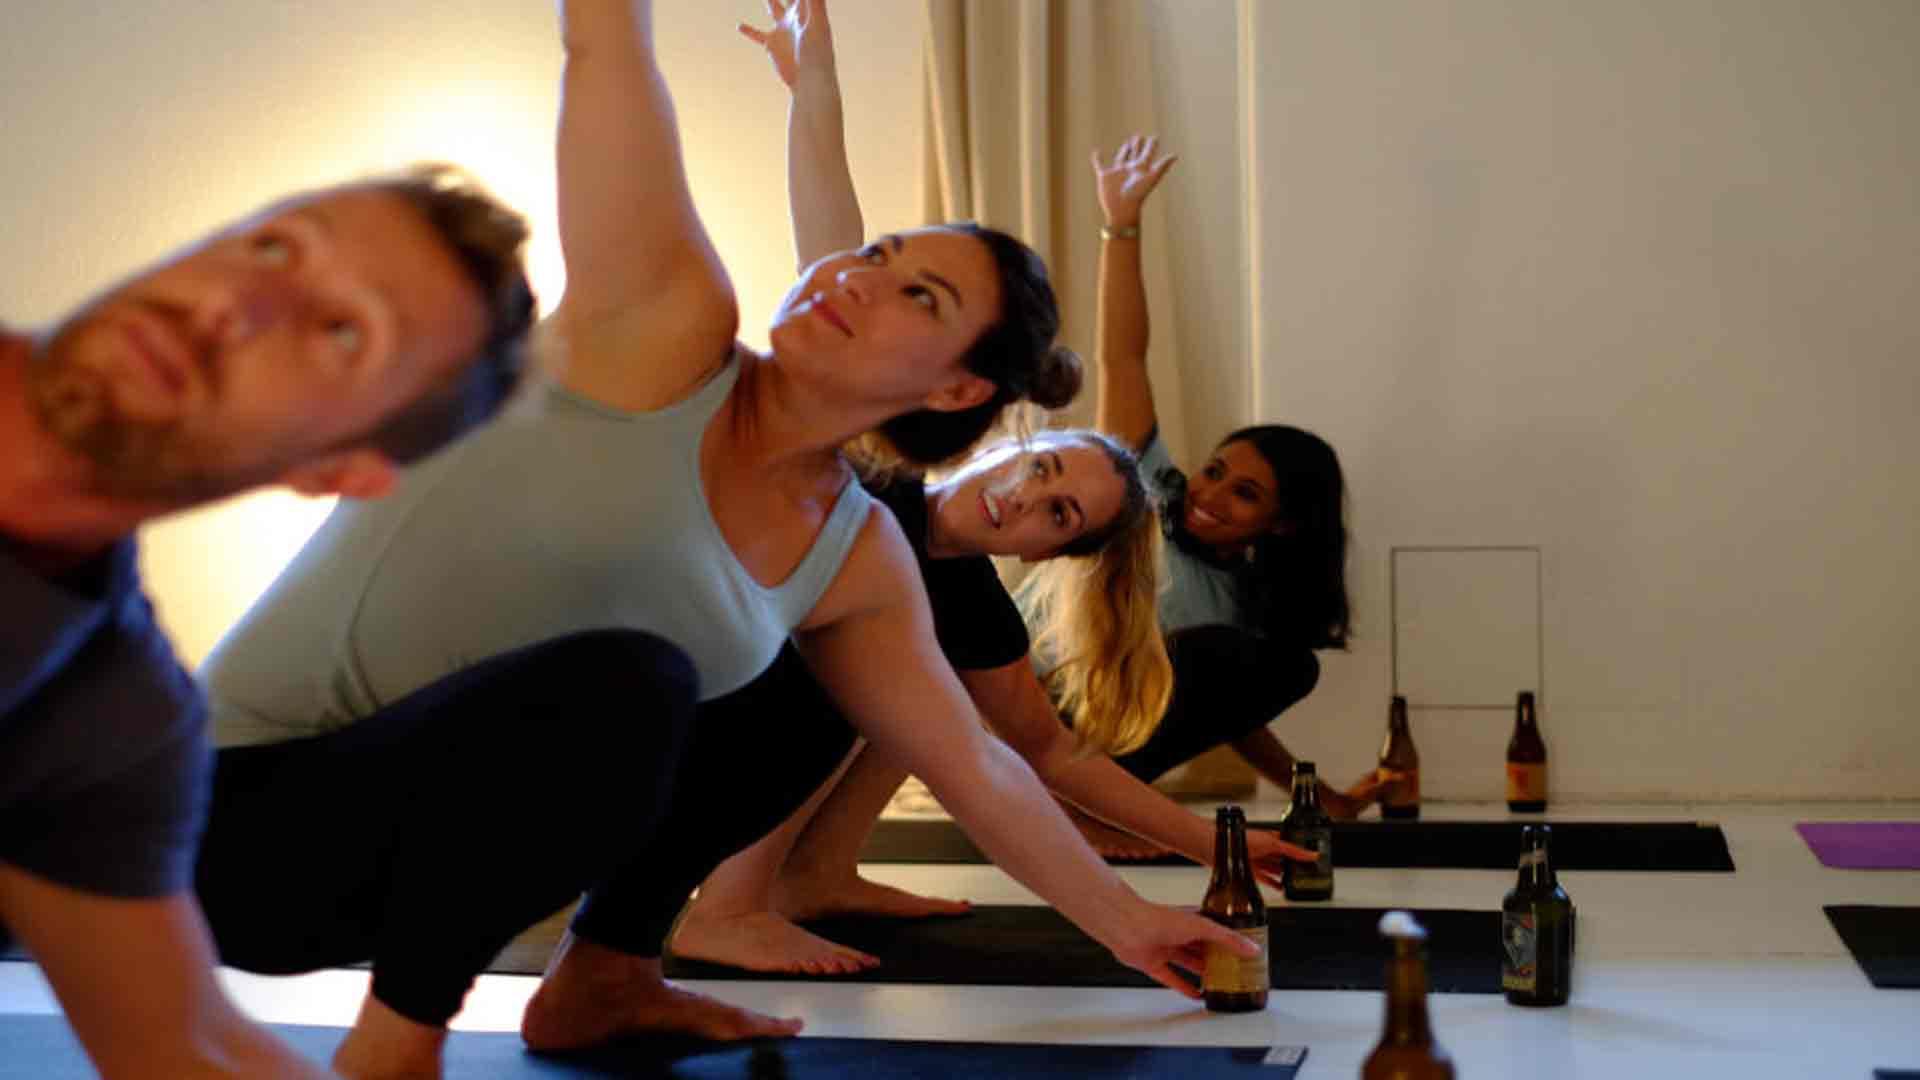 Un-tipo-de-yoga-que-incluye-cerveza-en-sus-clases-1920